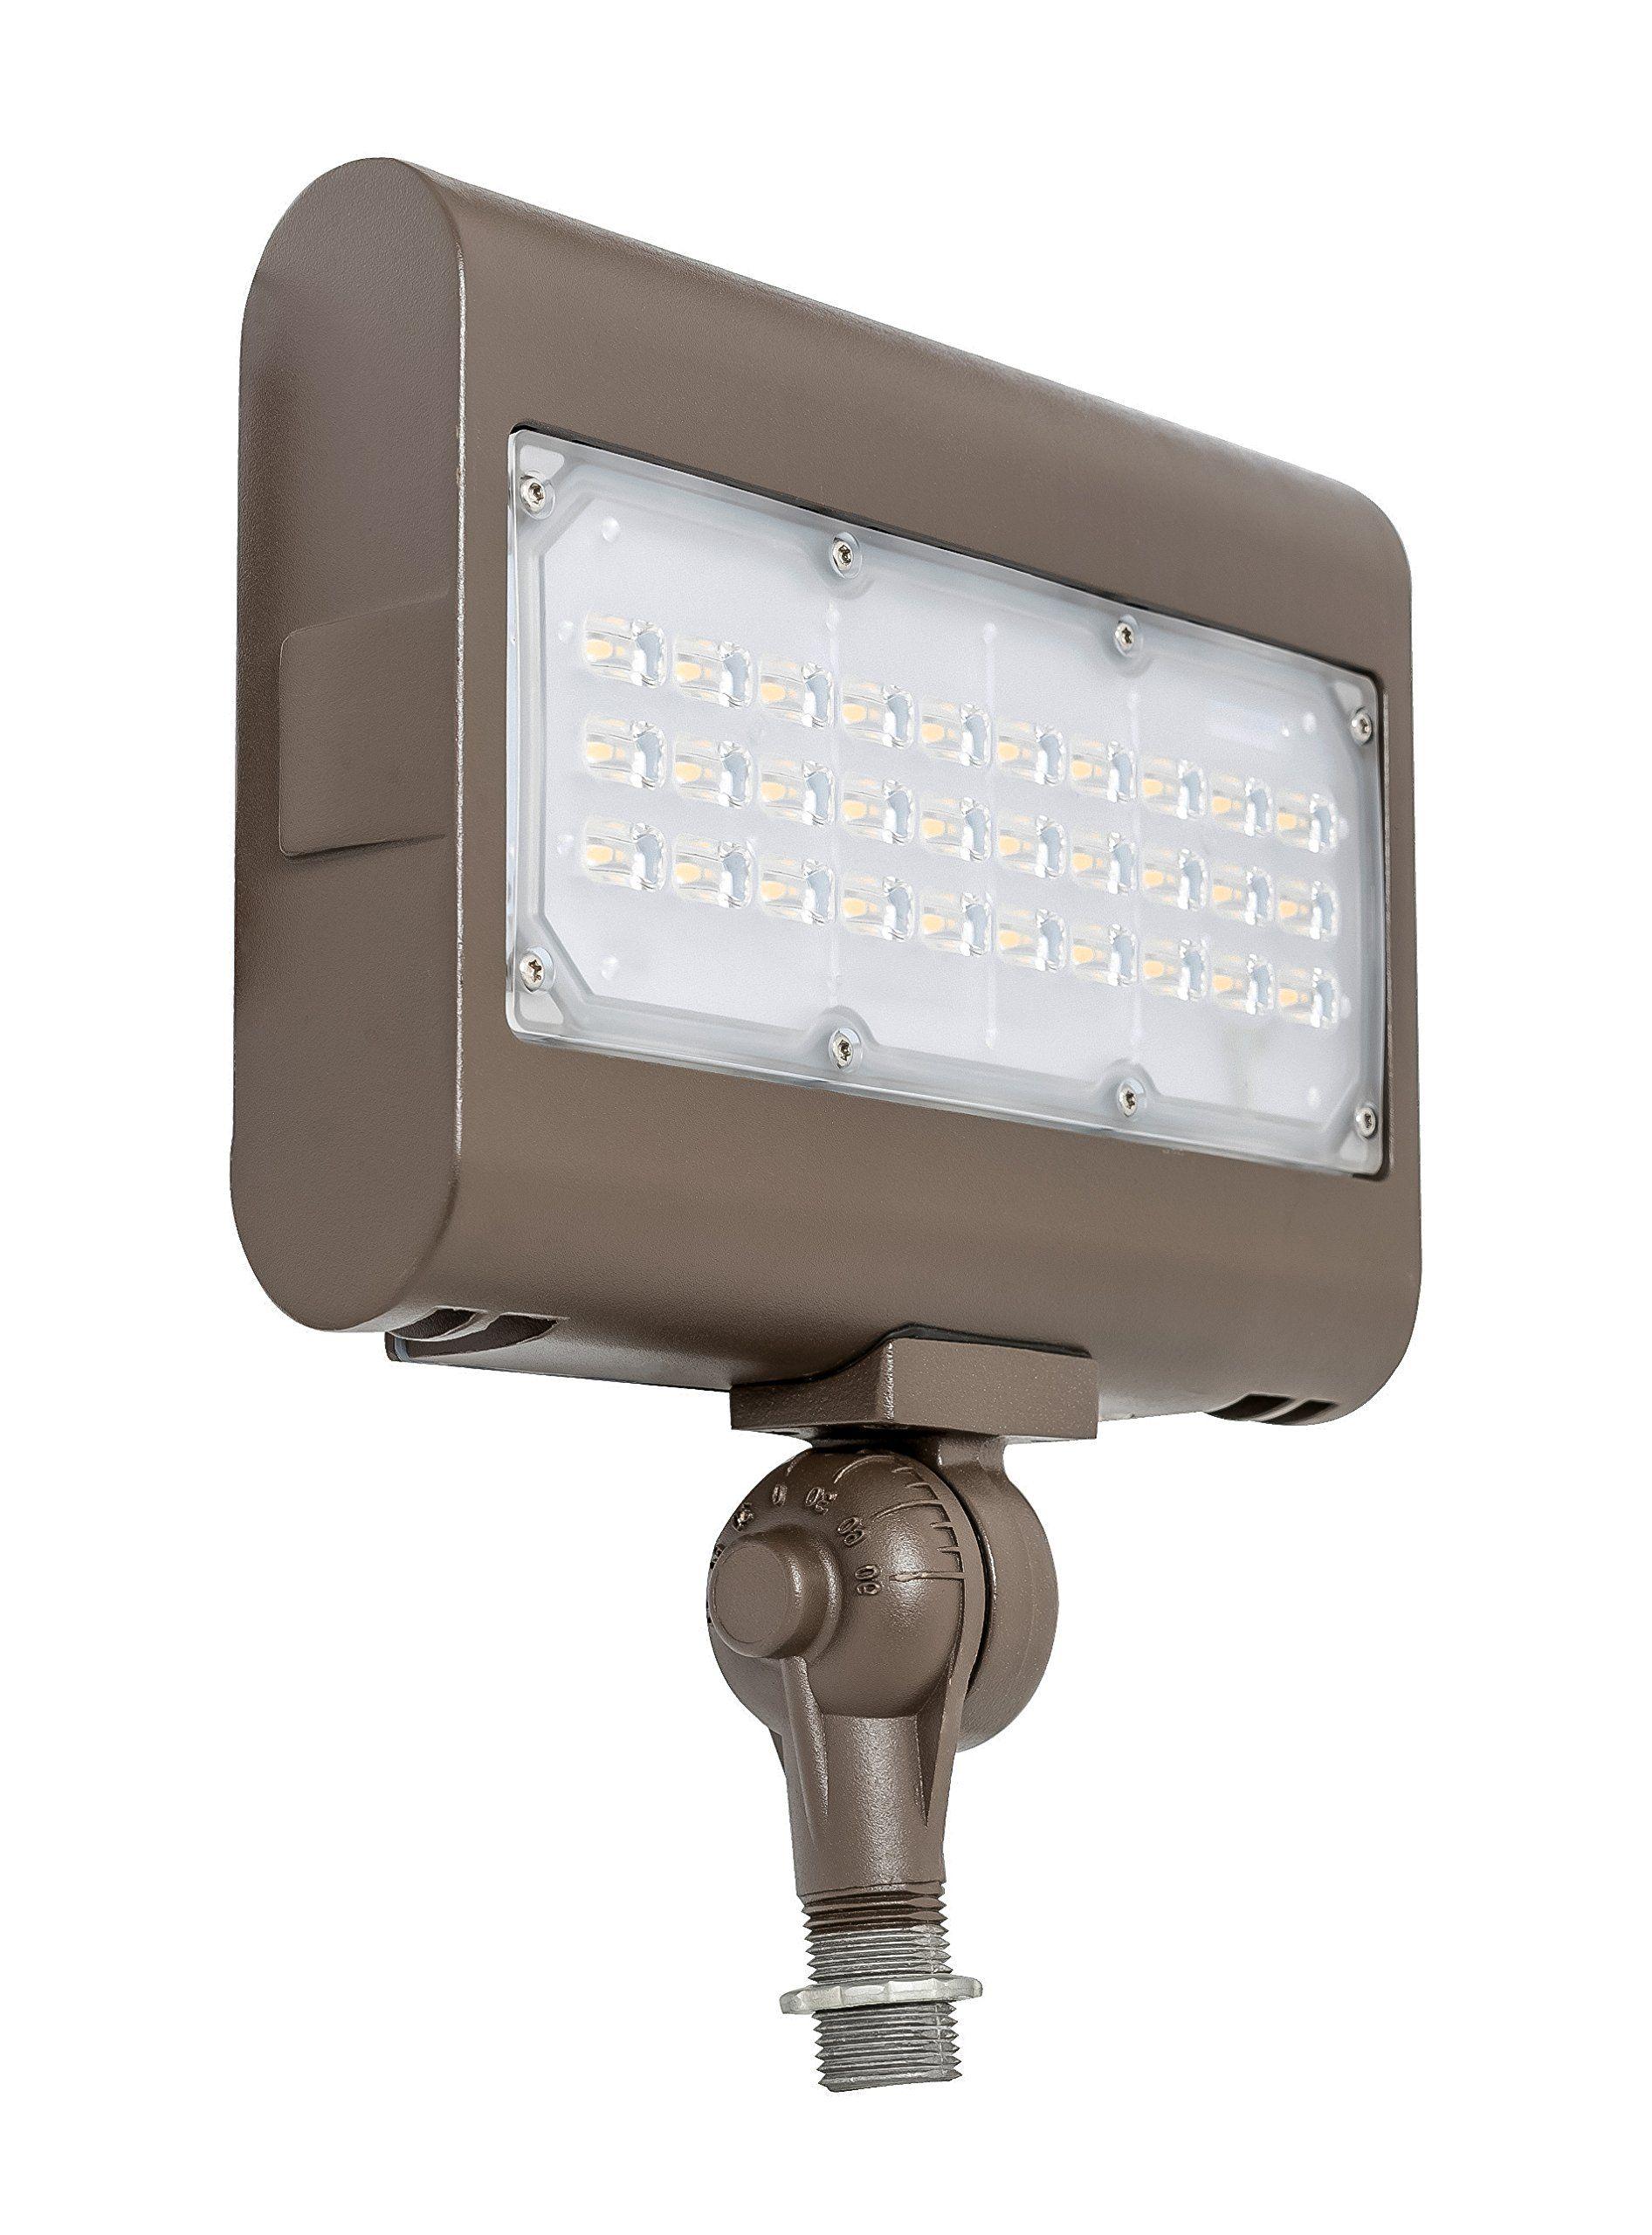 Westgate Lighting Led Flood Light With Knuckle Mount Best Security Floodlight Fixture For Outdoo Outdoor Flood Lights Outdoor Security Lights Led Flood Lights